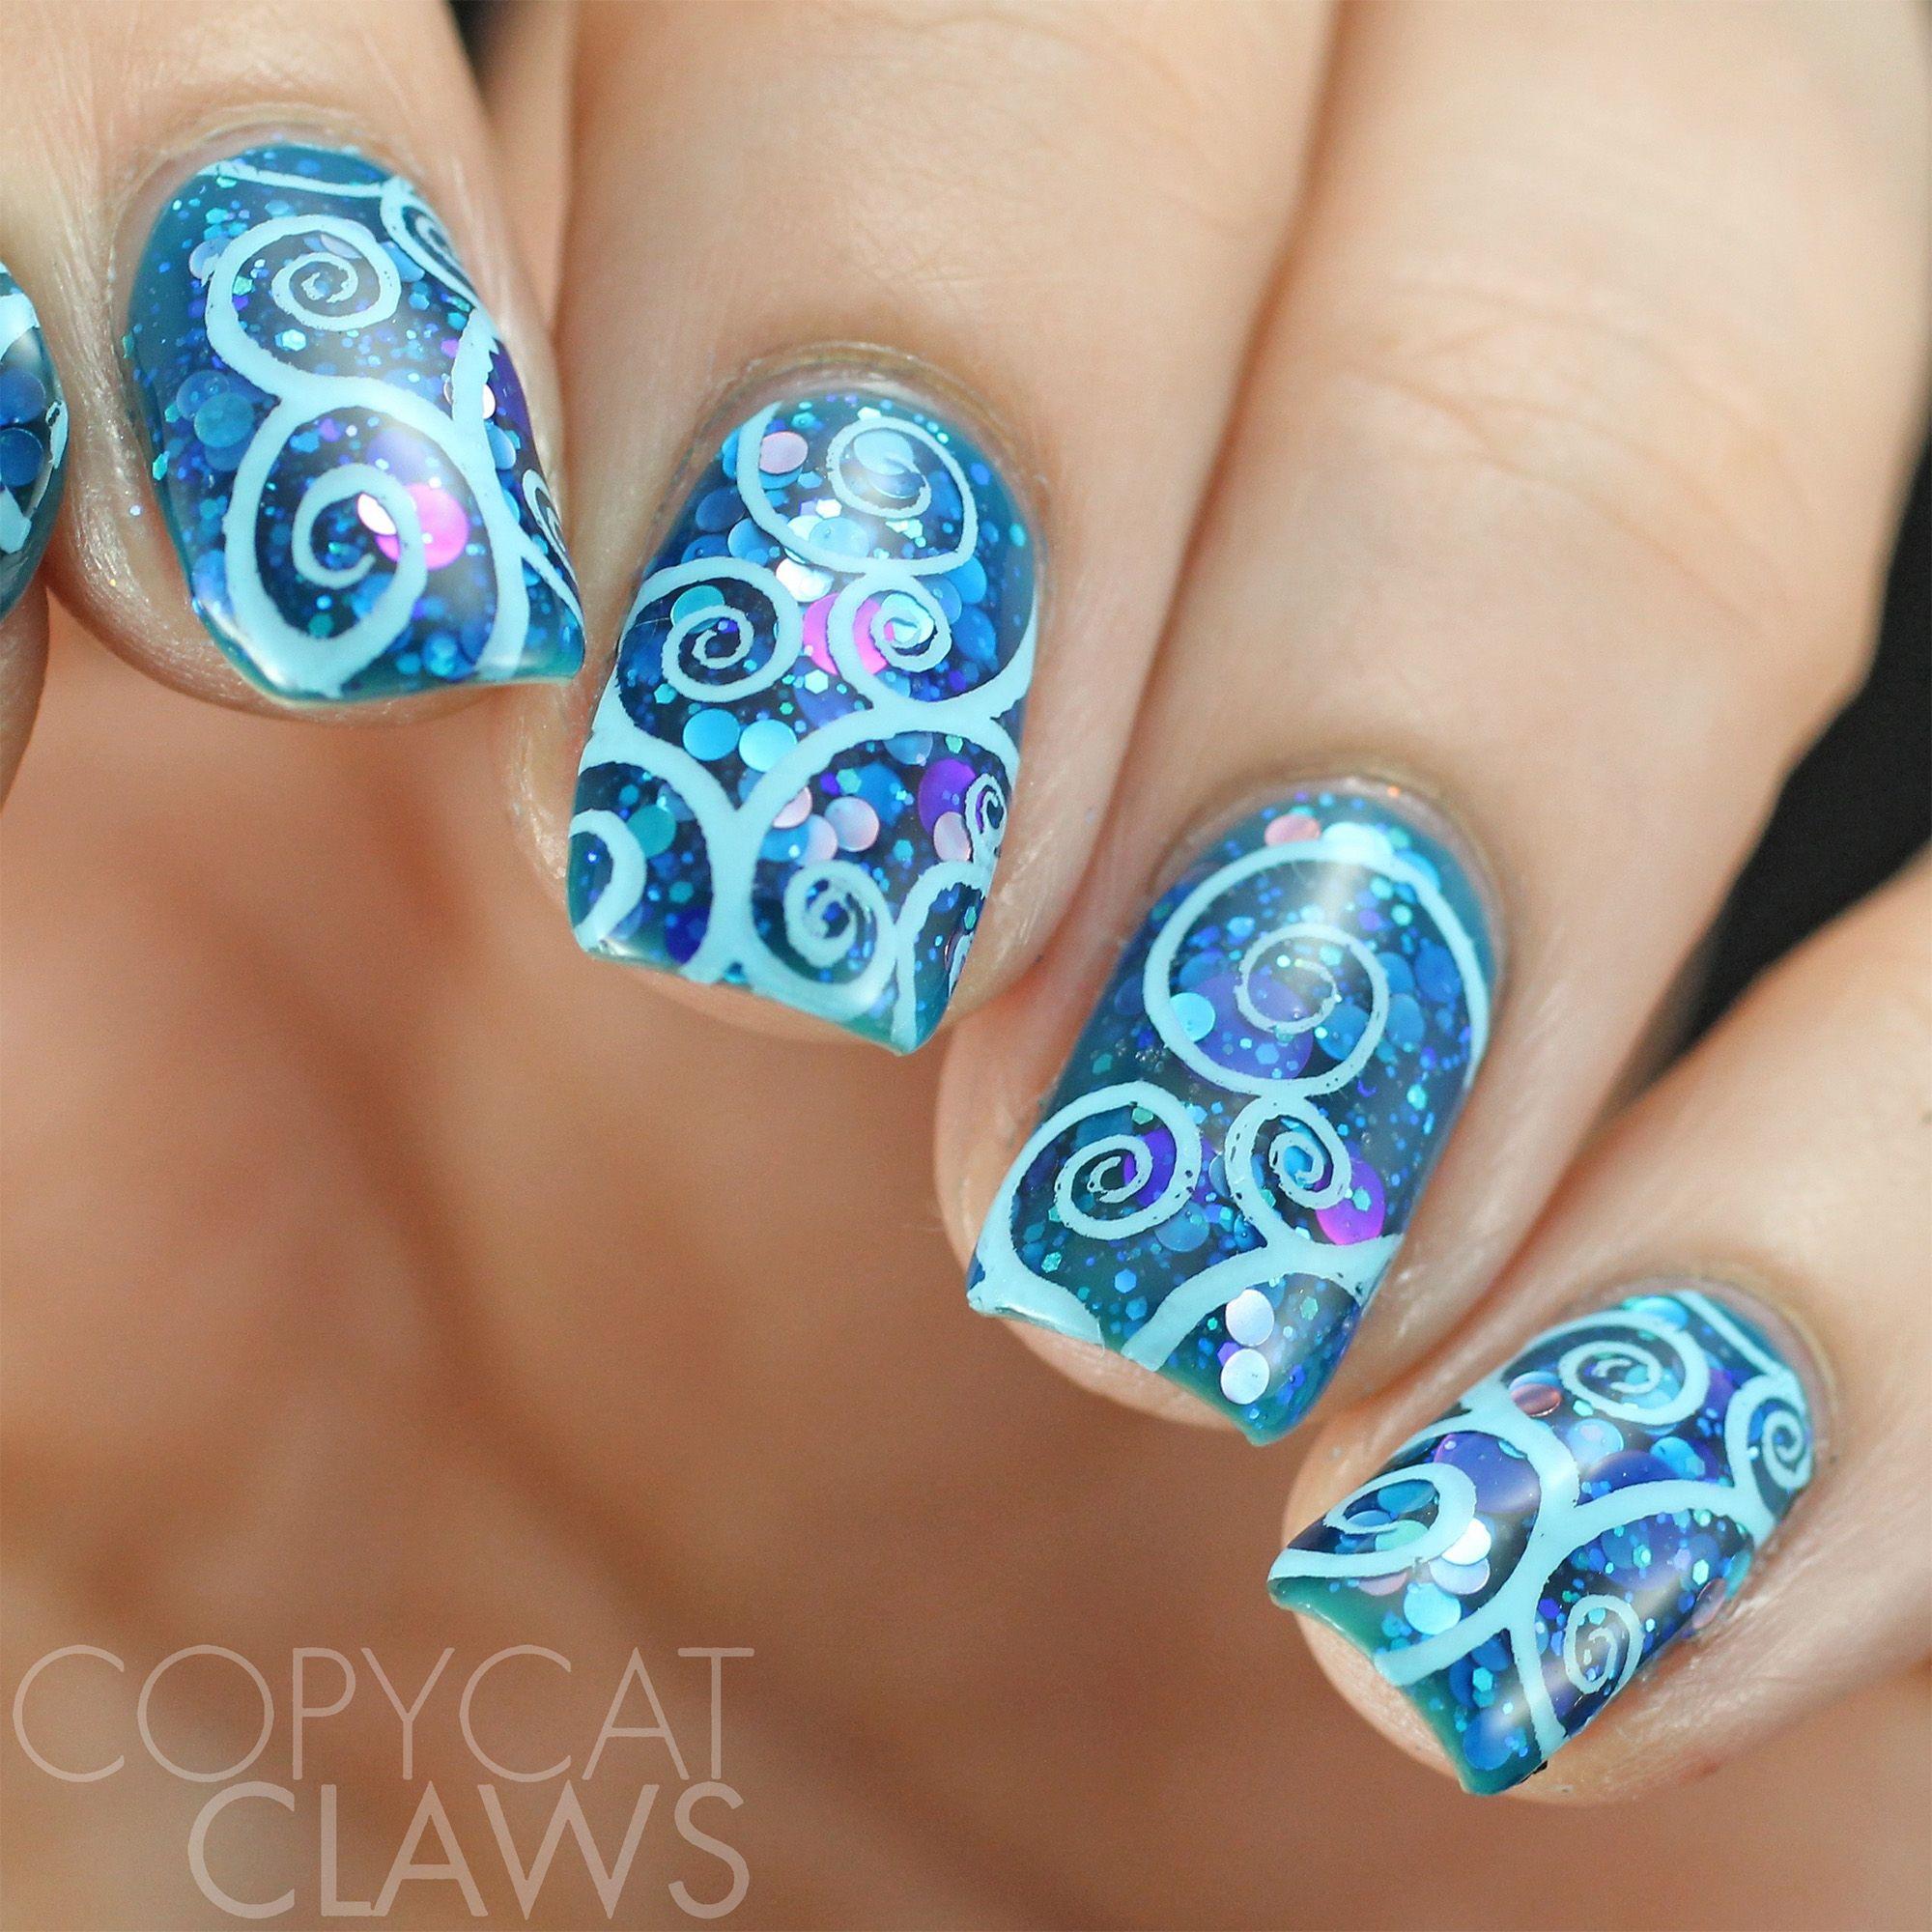 Mermaid inspired nail art using our swirls u twirls plate over